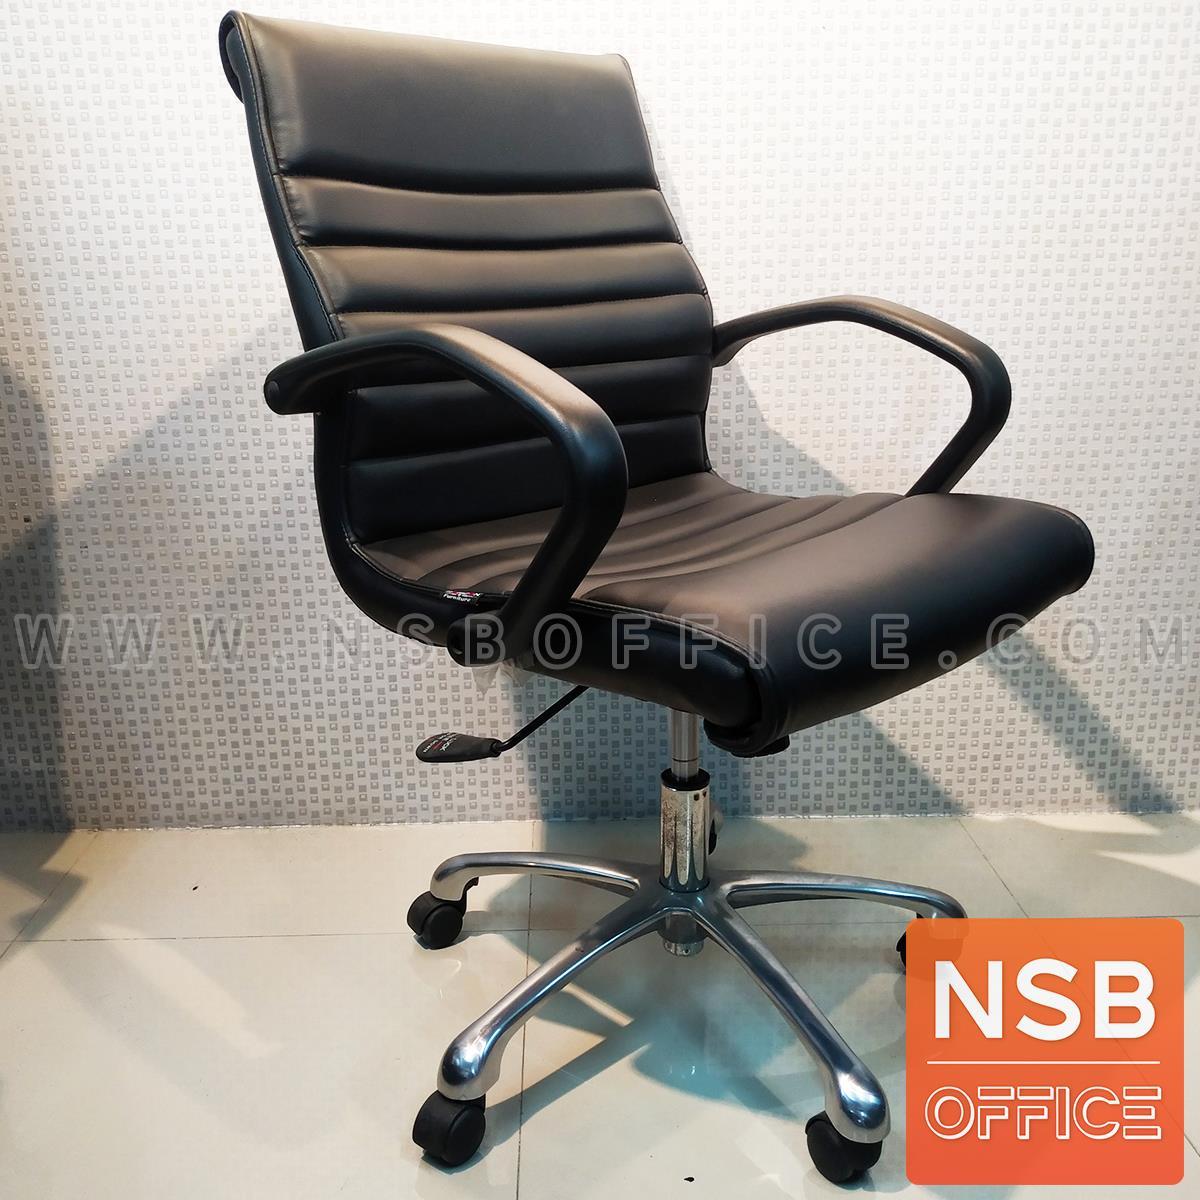 เก้าอี้สำนักงาน รุ่น Vagabond (วากาบอนด์)  ขาอลูมีเนียม